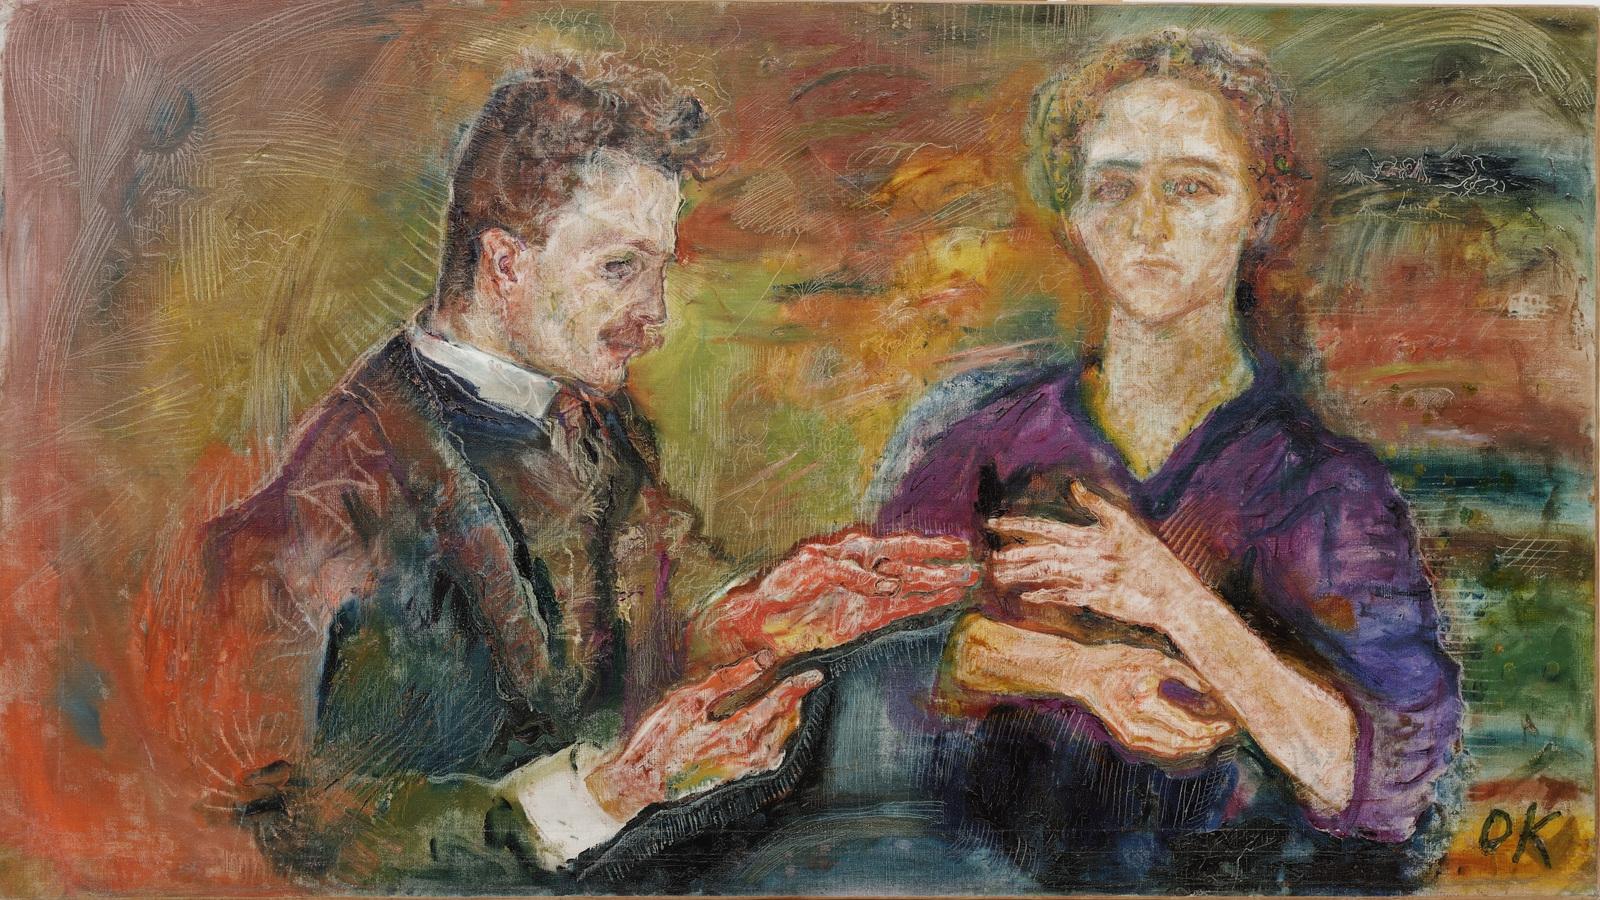 Hans Tietze and Erica Tietze-Conrat (Hans Tietze and Erica Tietze-Conrat). image